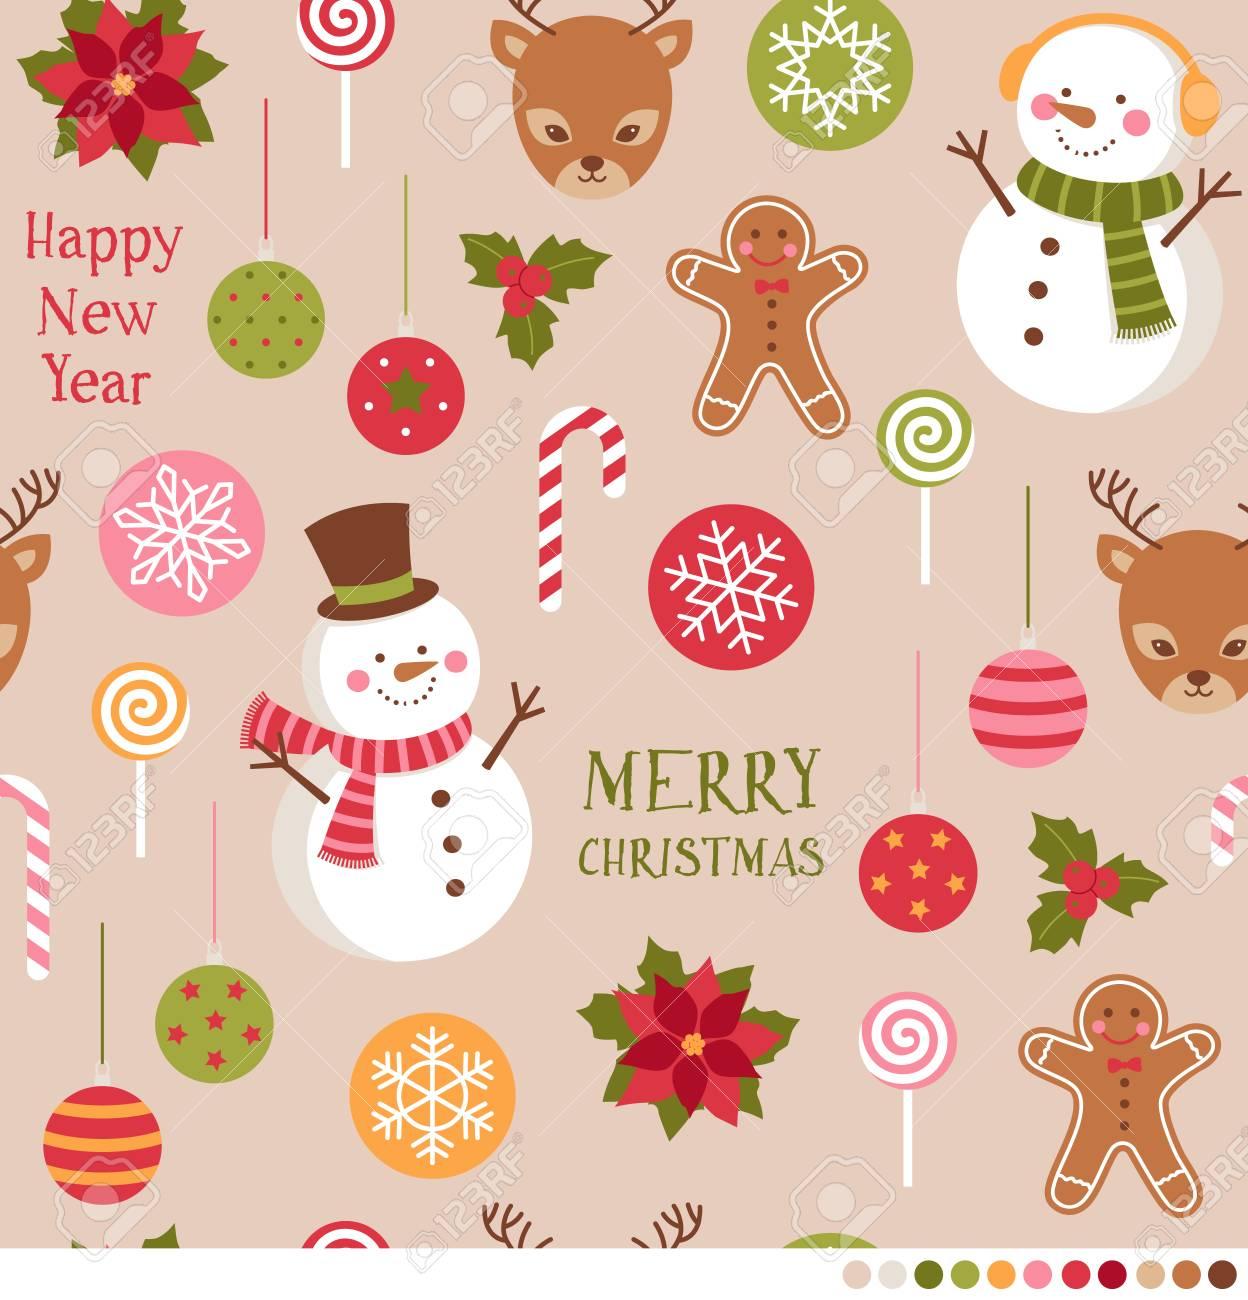 スノーマン トナカイや装飾品のイラストがかわいいクリスマスのシームレス パターンのイラスト素材 ベクタ Image